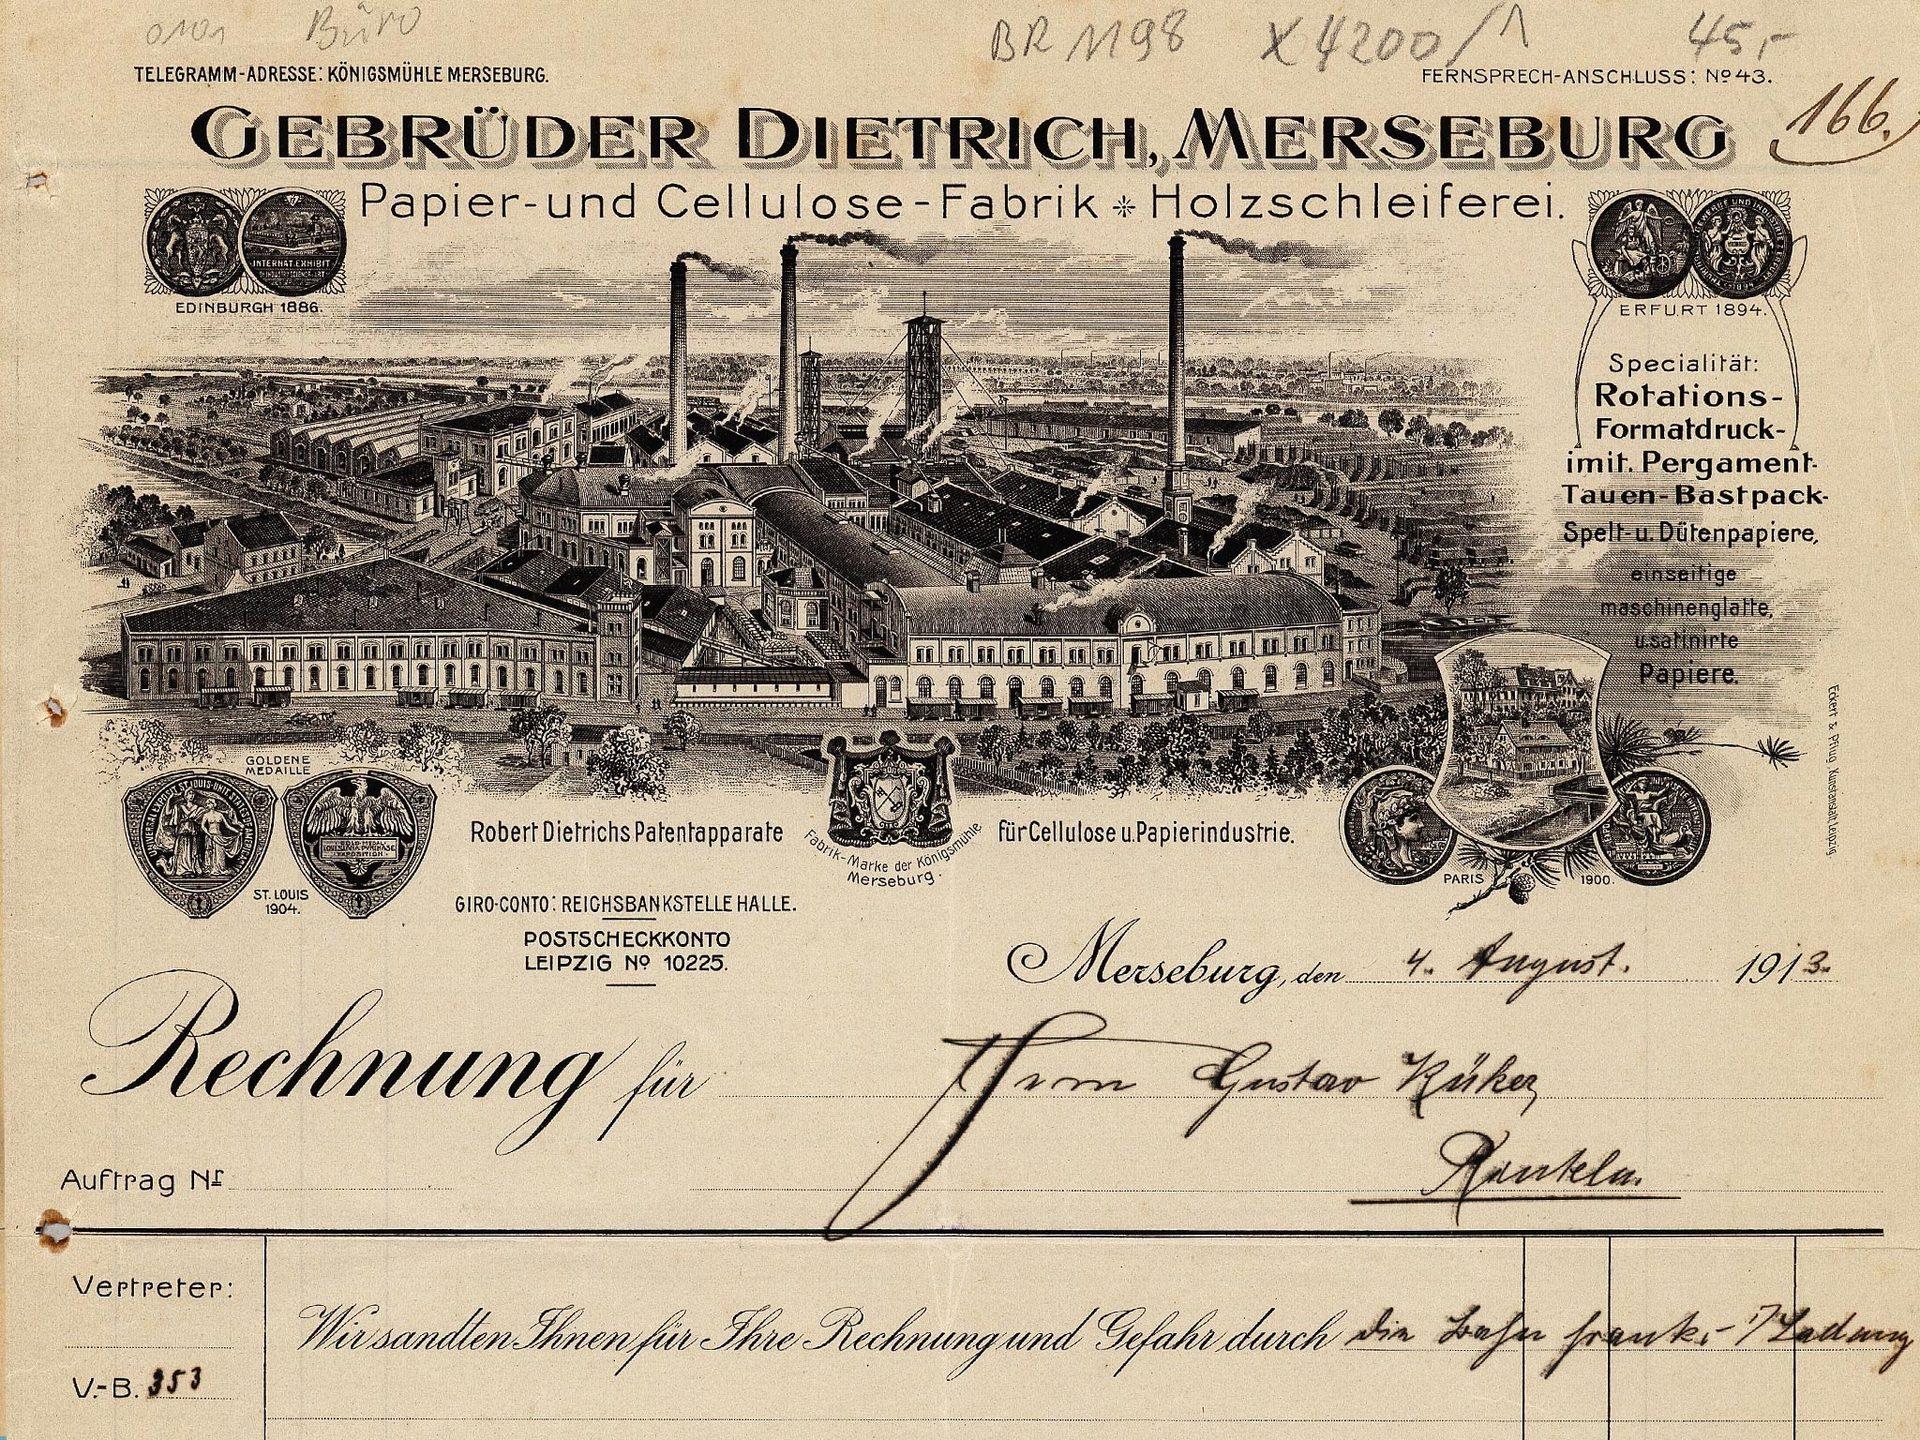 Rechnungsformular von Gebrüder Dietrich, Merseburg